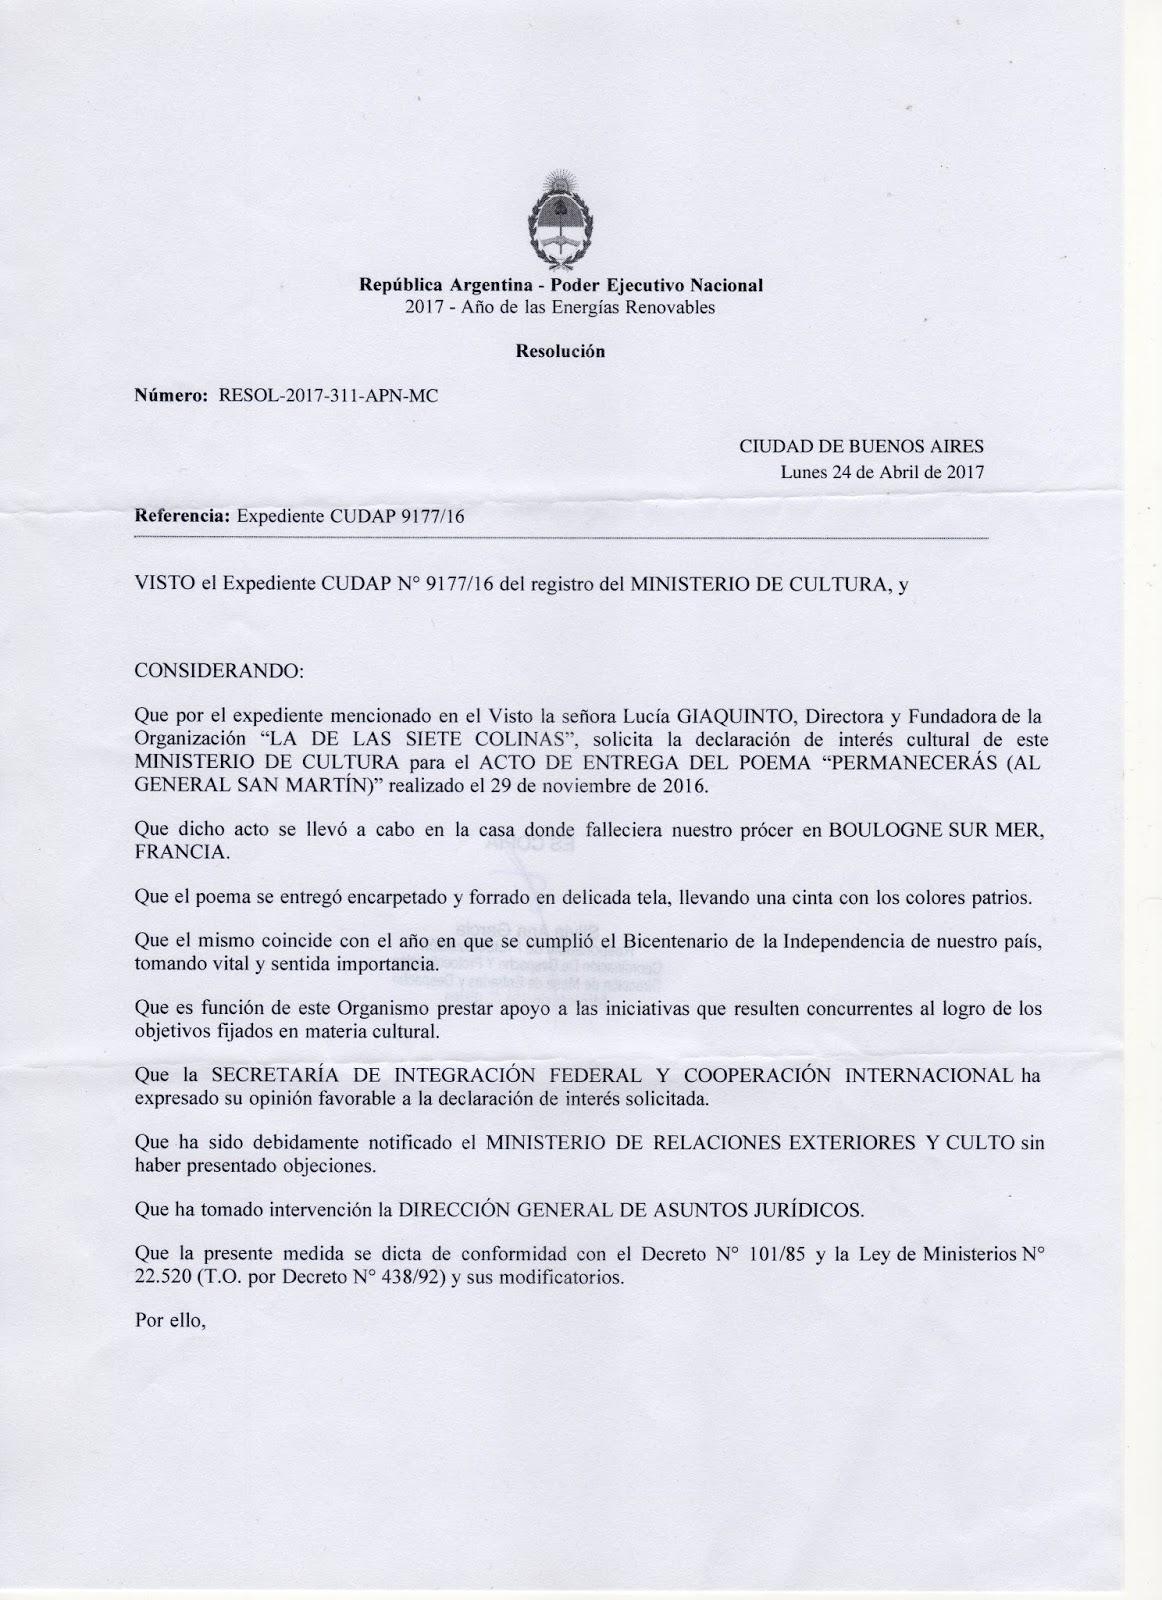 La De Las Siete Colinas Declaratoria De Inter S Del Ministerio De Cultura De La Naci N